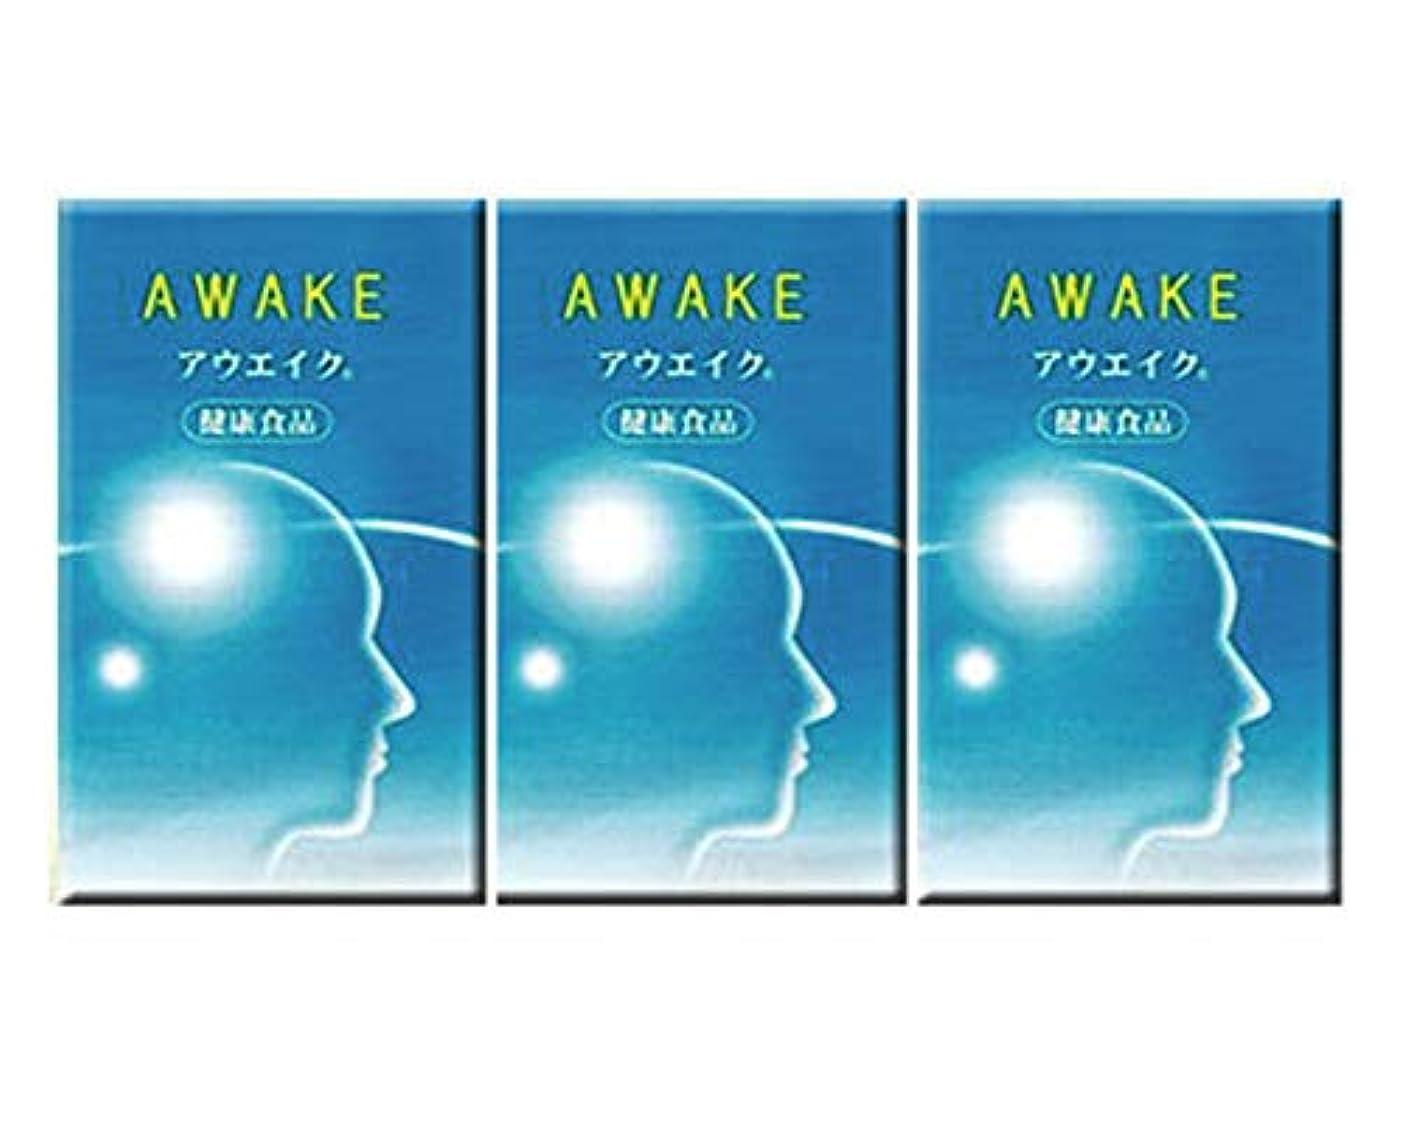 鉄道駅マウンドカフェテリアアウエイク「AWAKE」3個セット